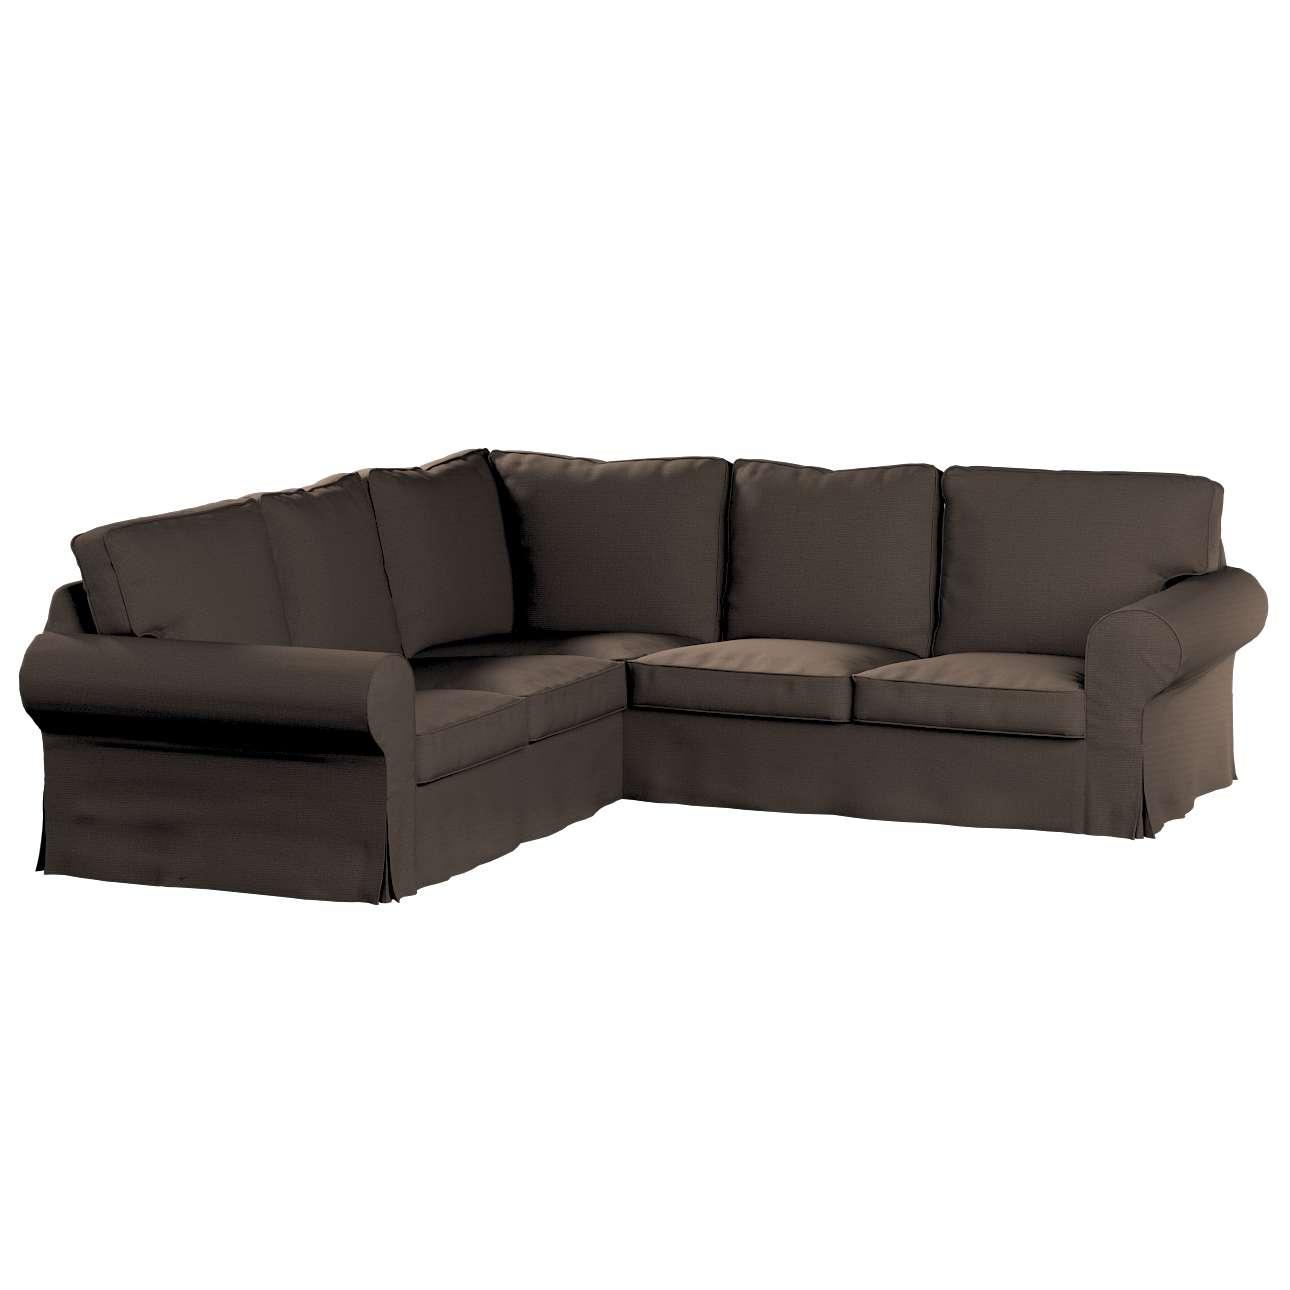 Pokrowiec na sofę Ektorp narożną Sofa Ektorp narożna w kolekcji Etna , tkanina: 705-08